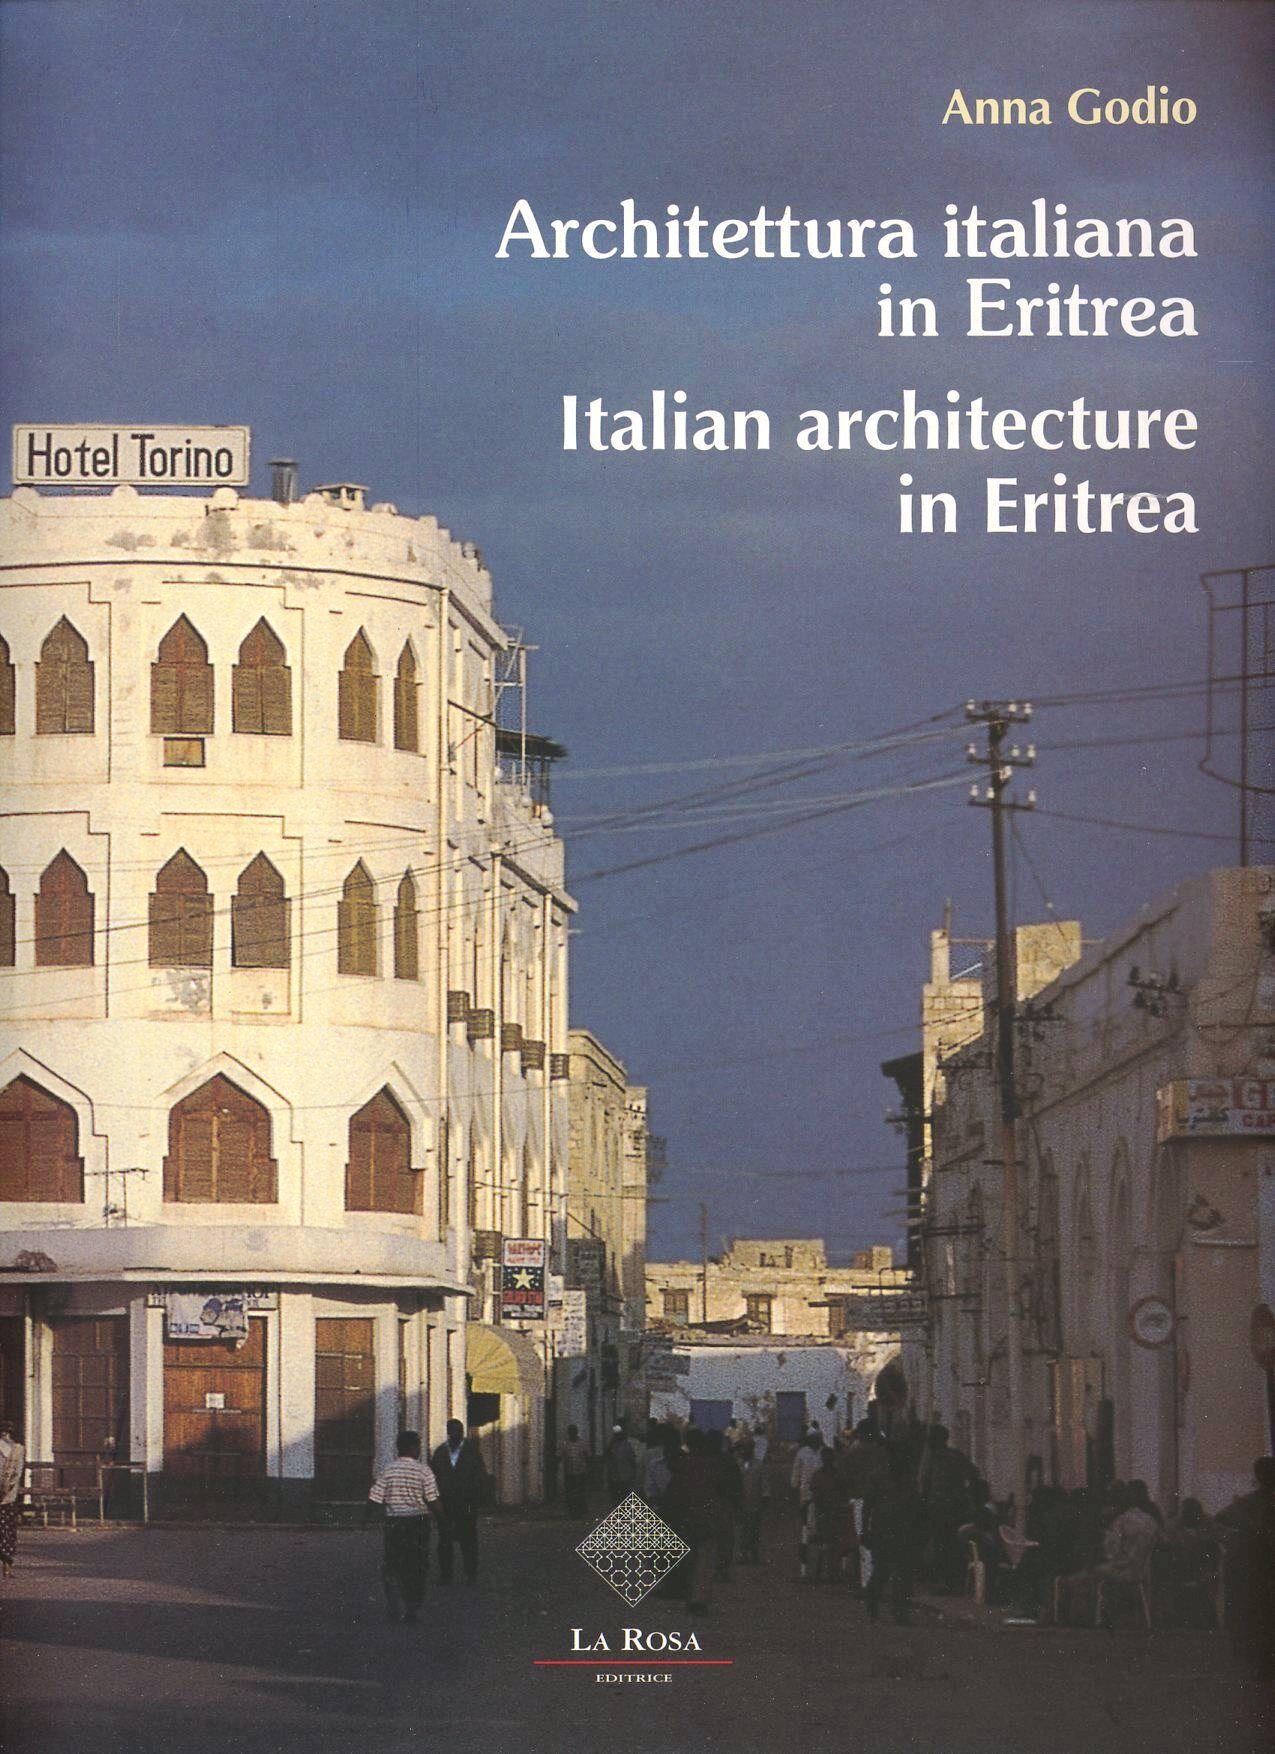 Architettura italiana in Eritrea-Italian architecture in Eritrea